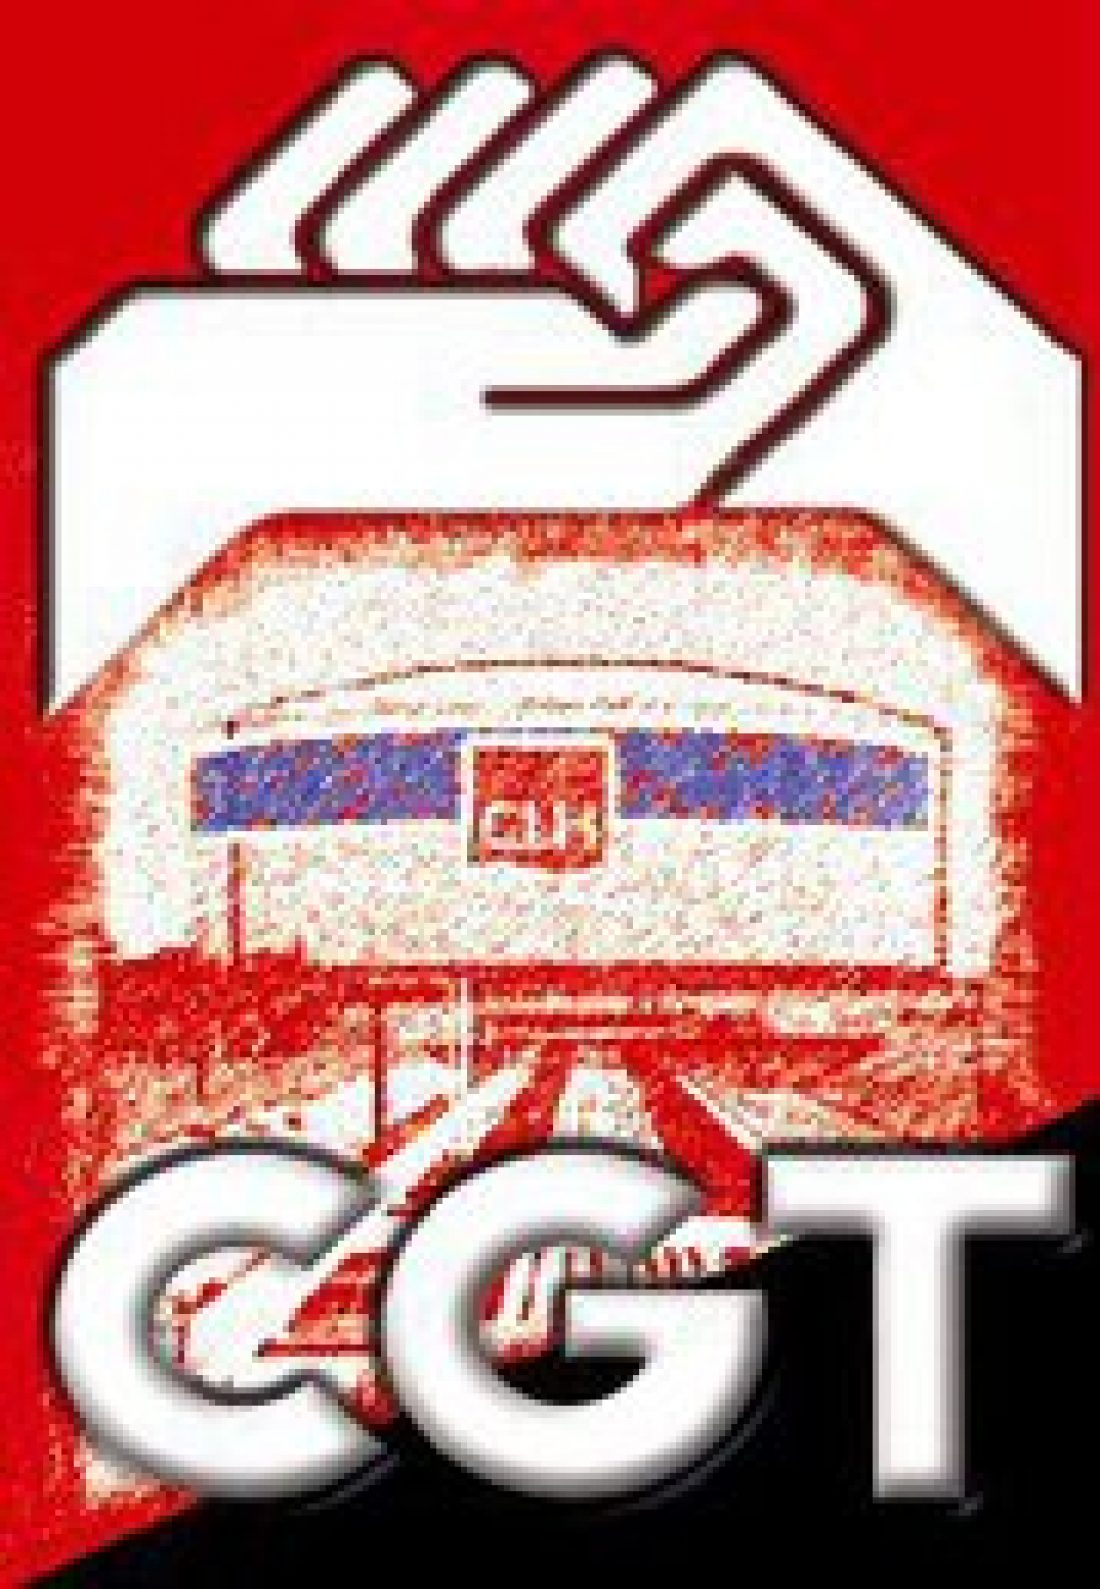 La CGT solicita a AENOR la retirada del certificado OHSAS 18001 a CLH, s.a.